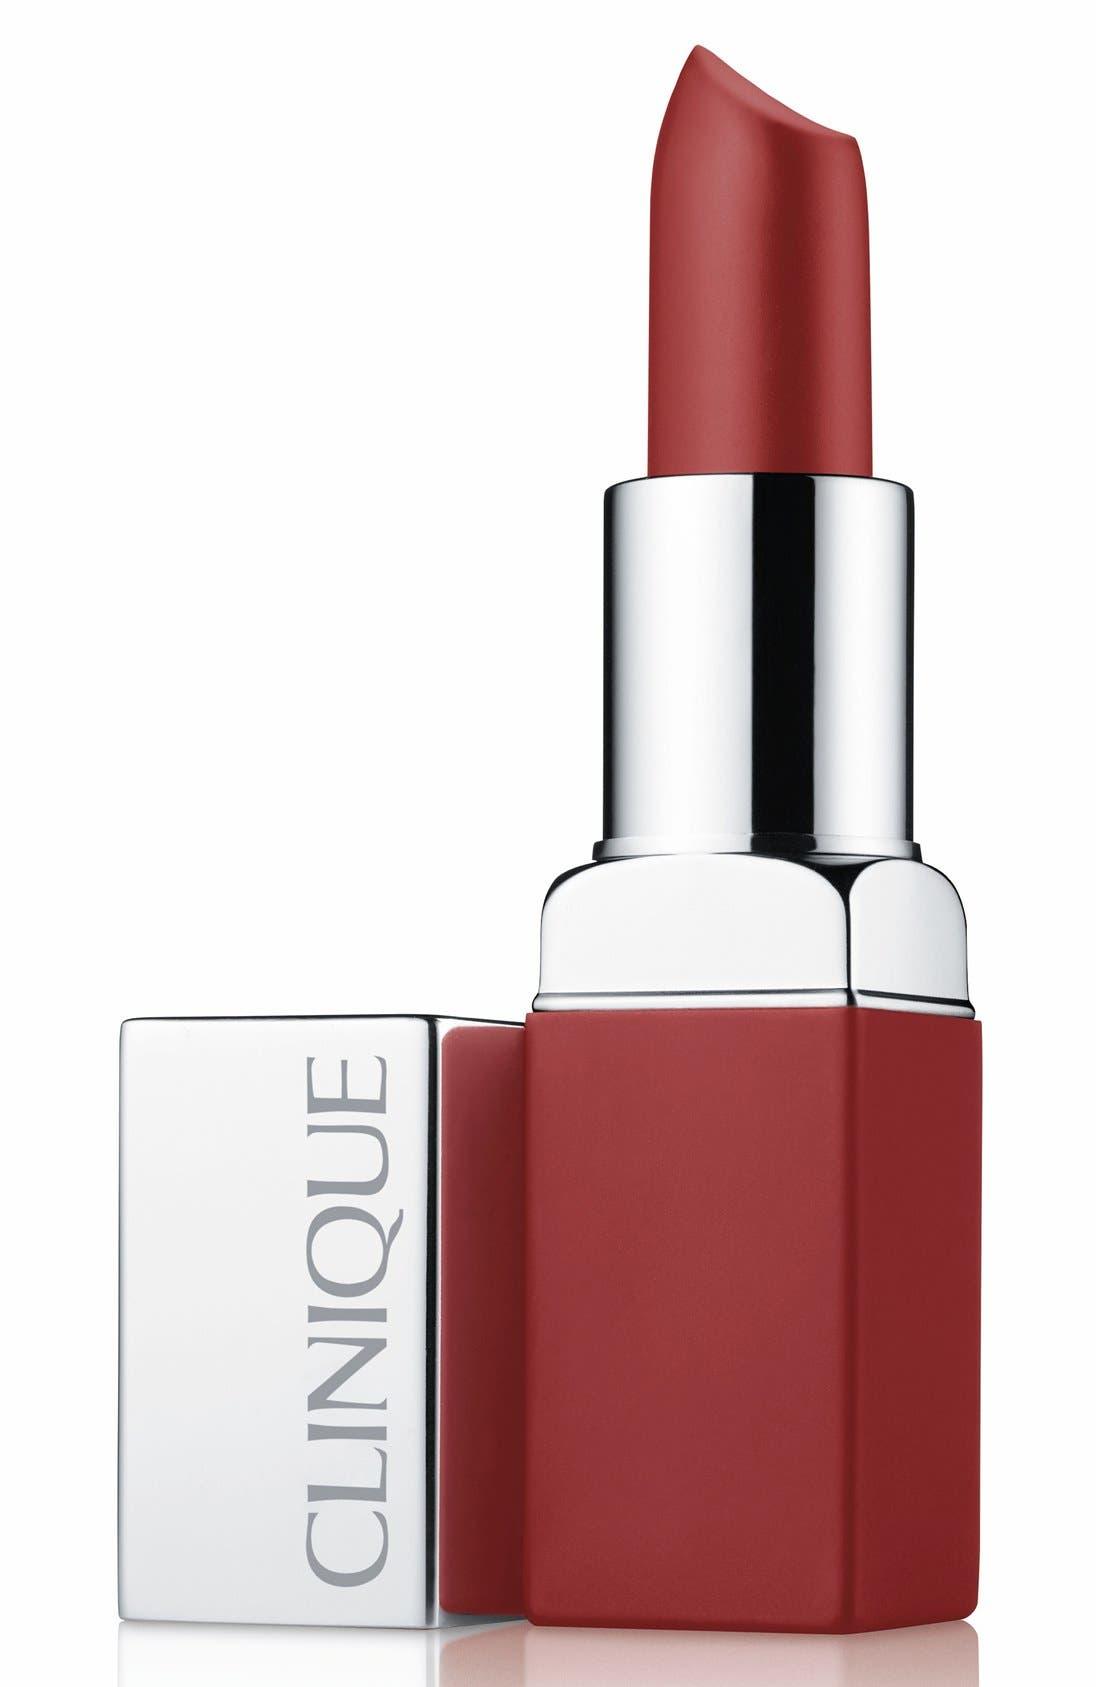 Clinique 'Pop Matte' Lip Color + Primer